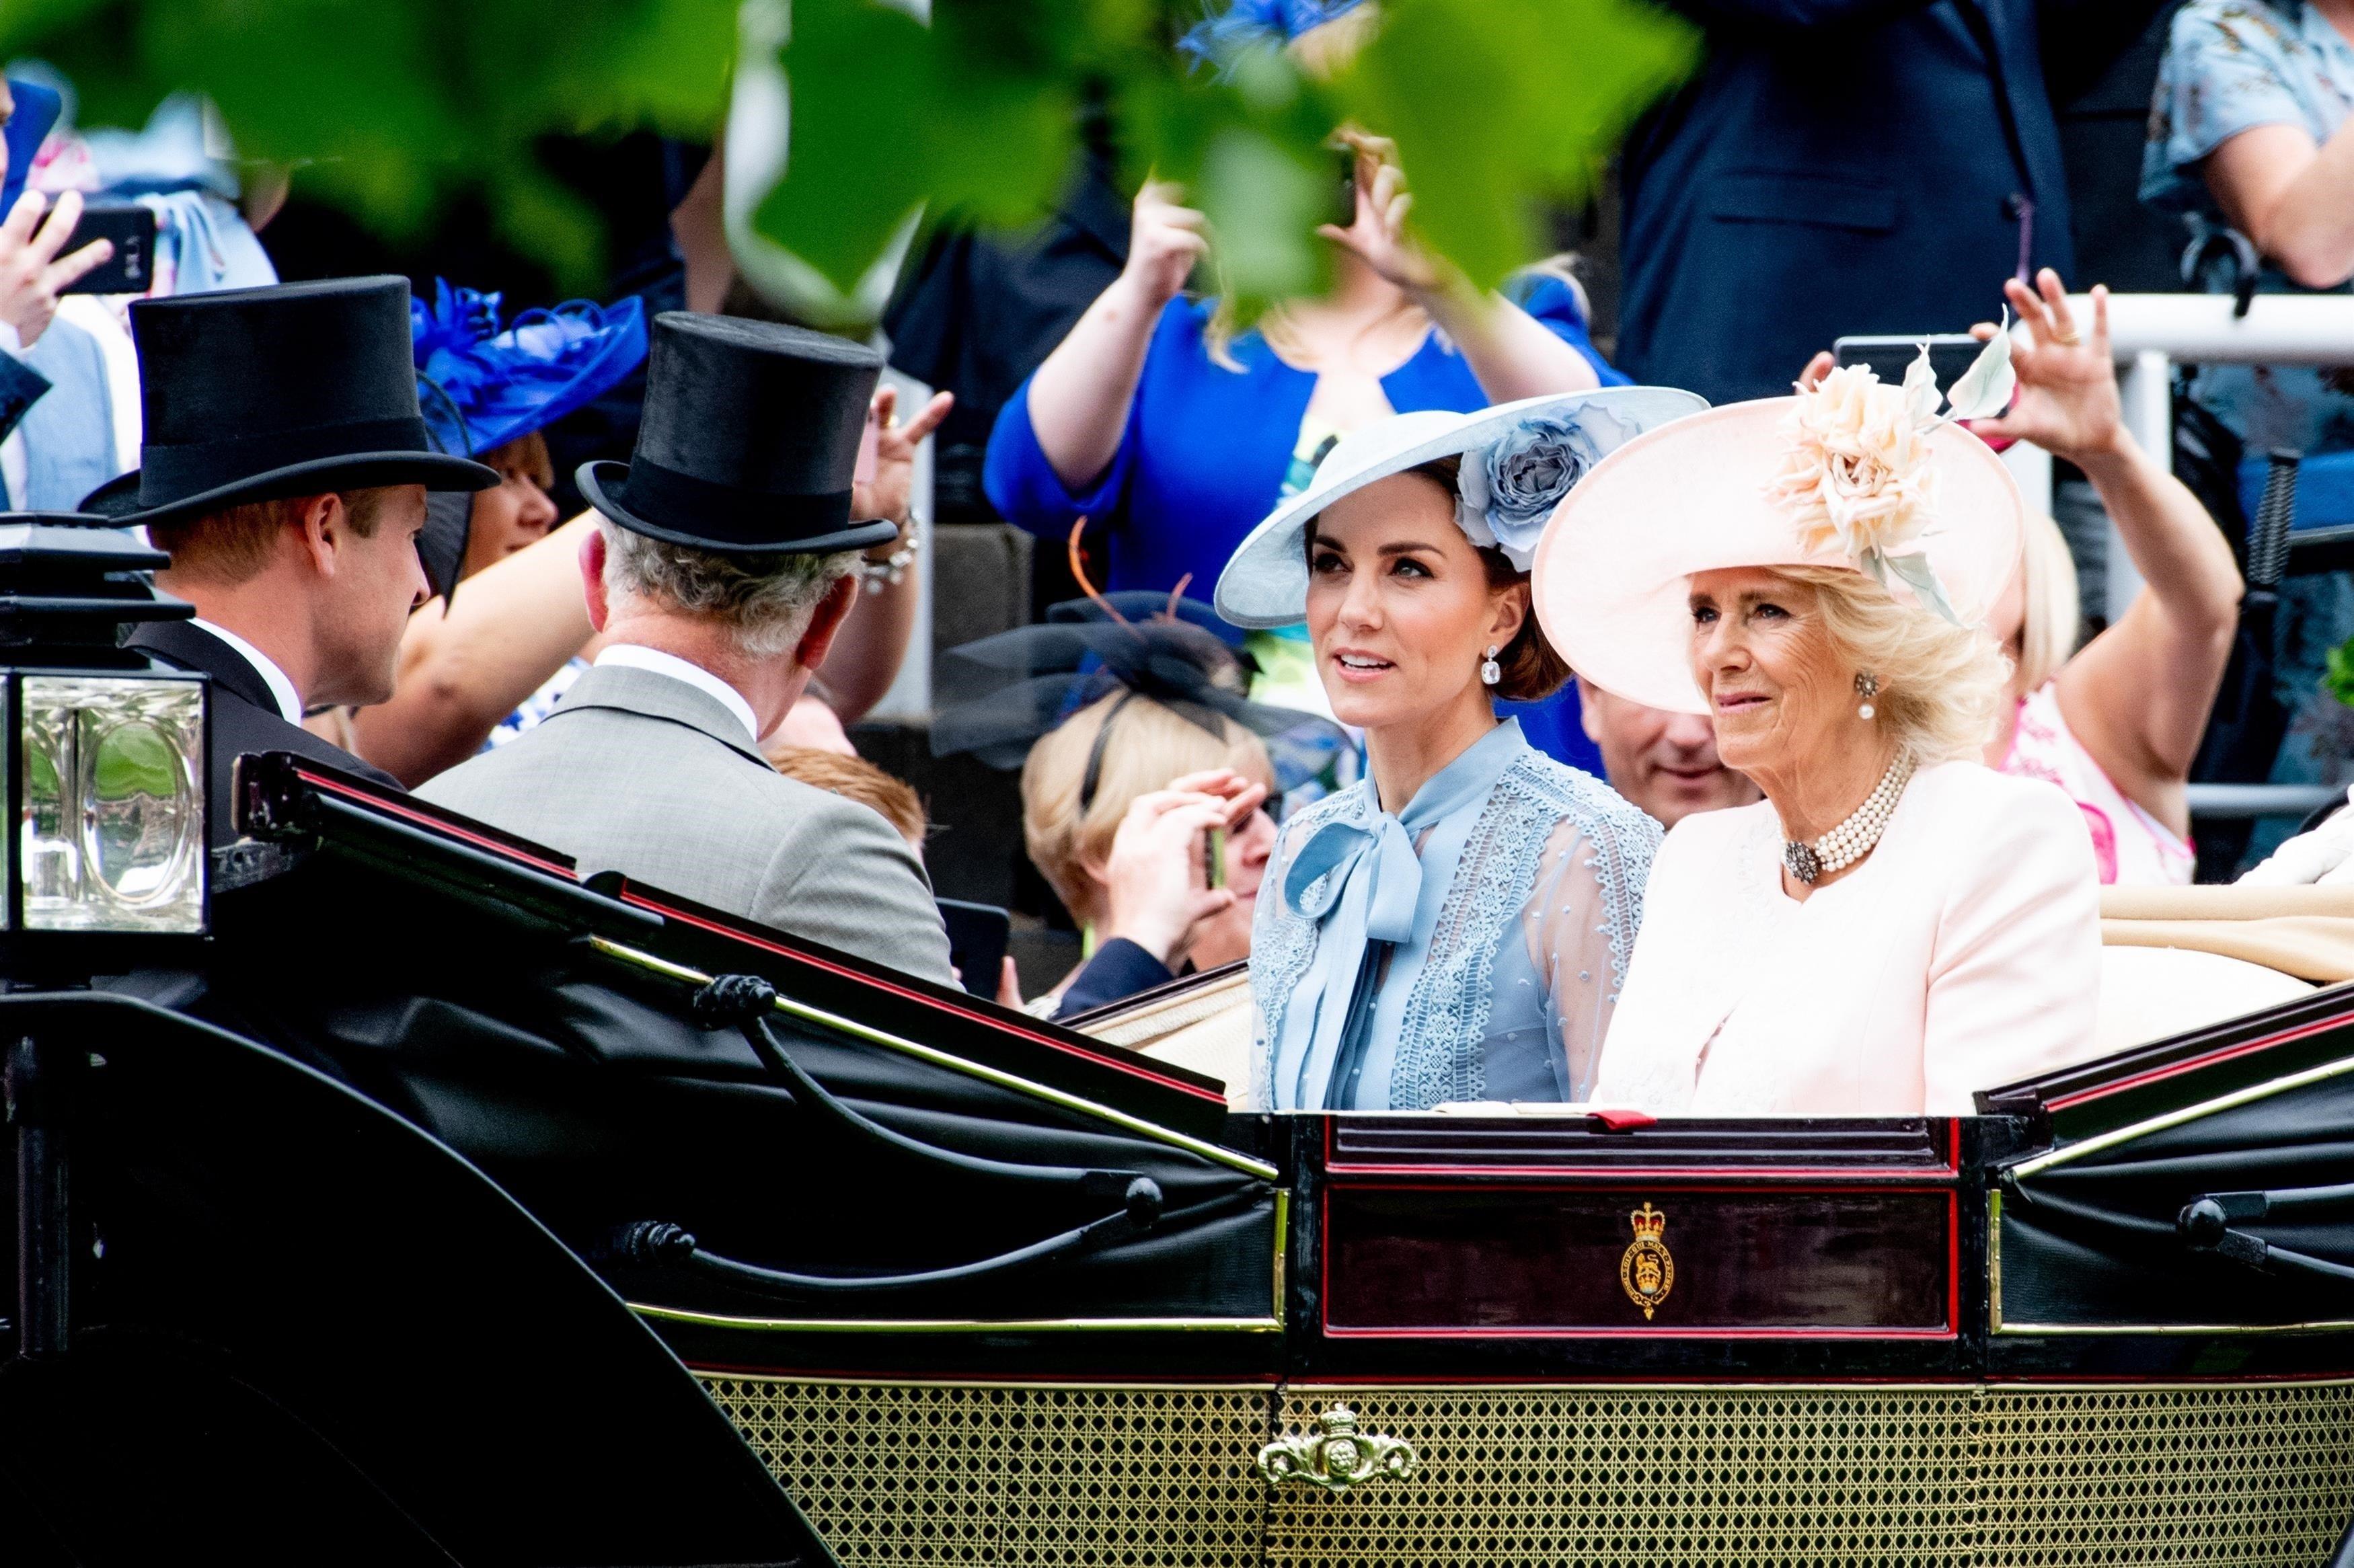 Mroczne TEORIE SPISKOWE na temat brytyjskiej rodziny królewskiej!